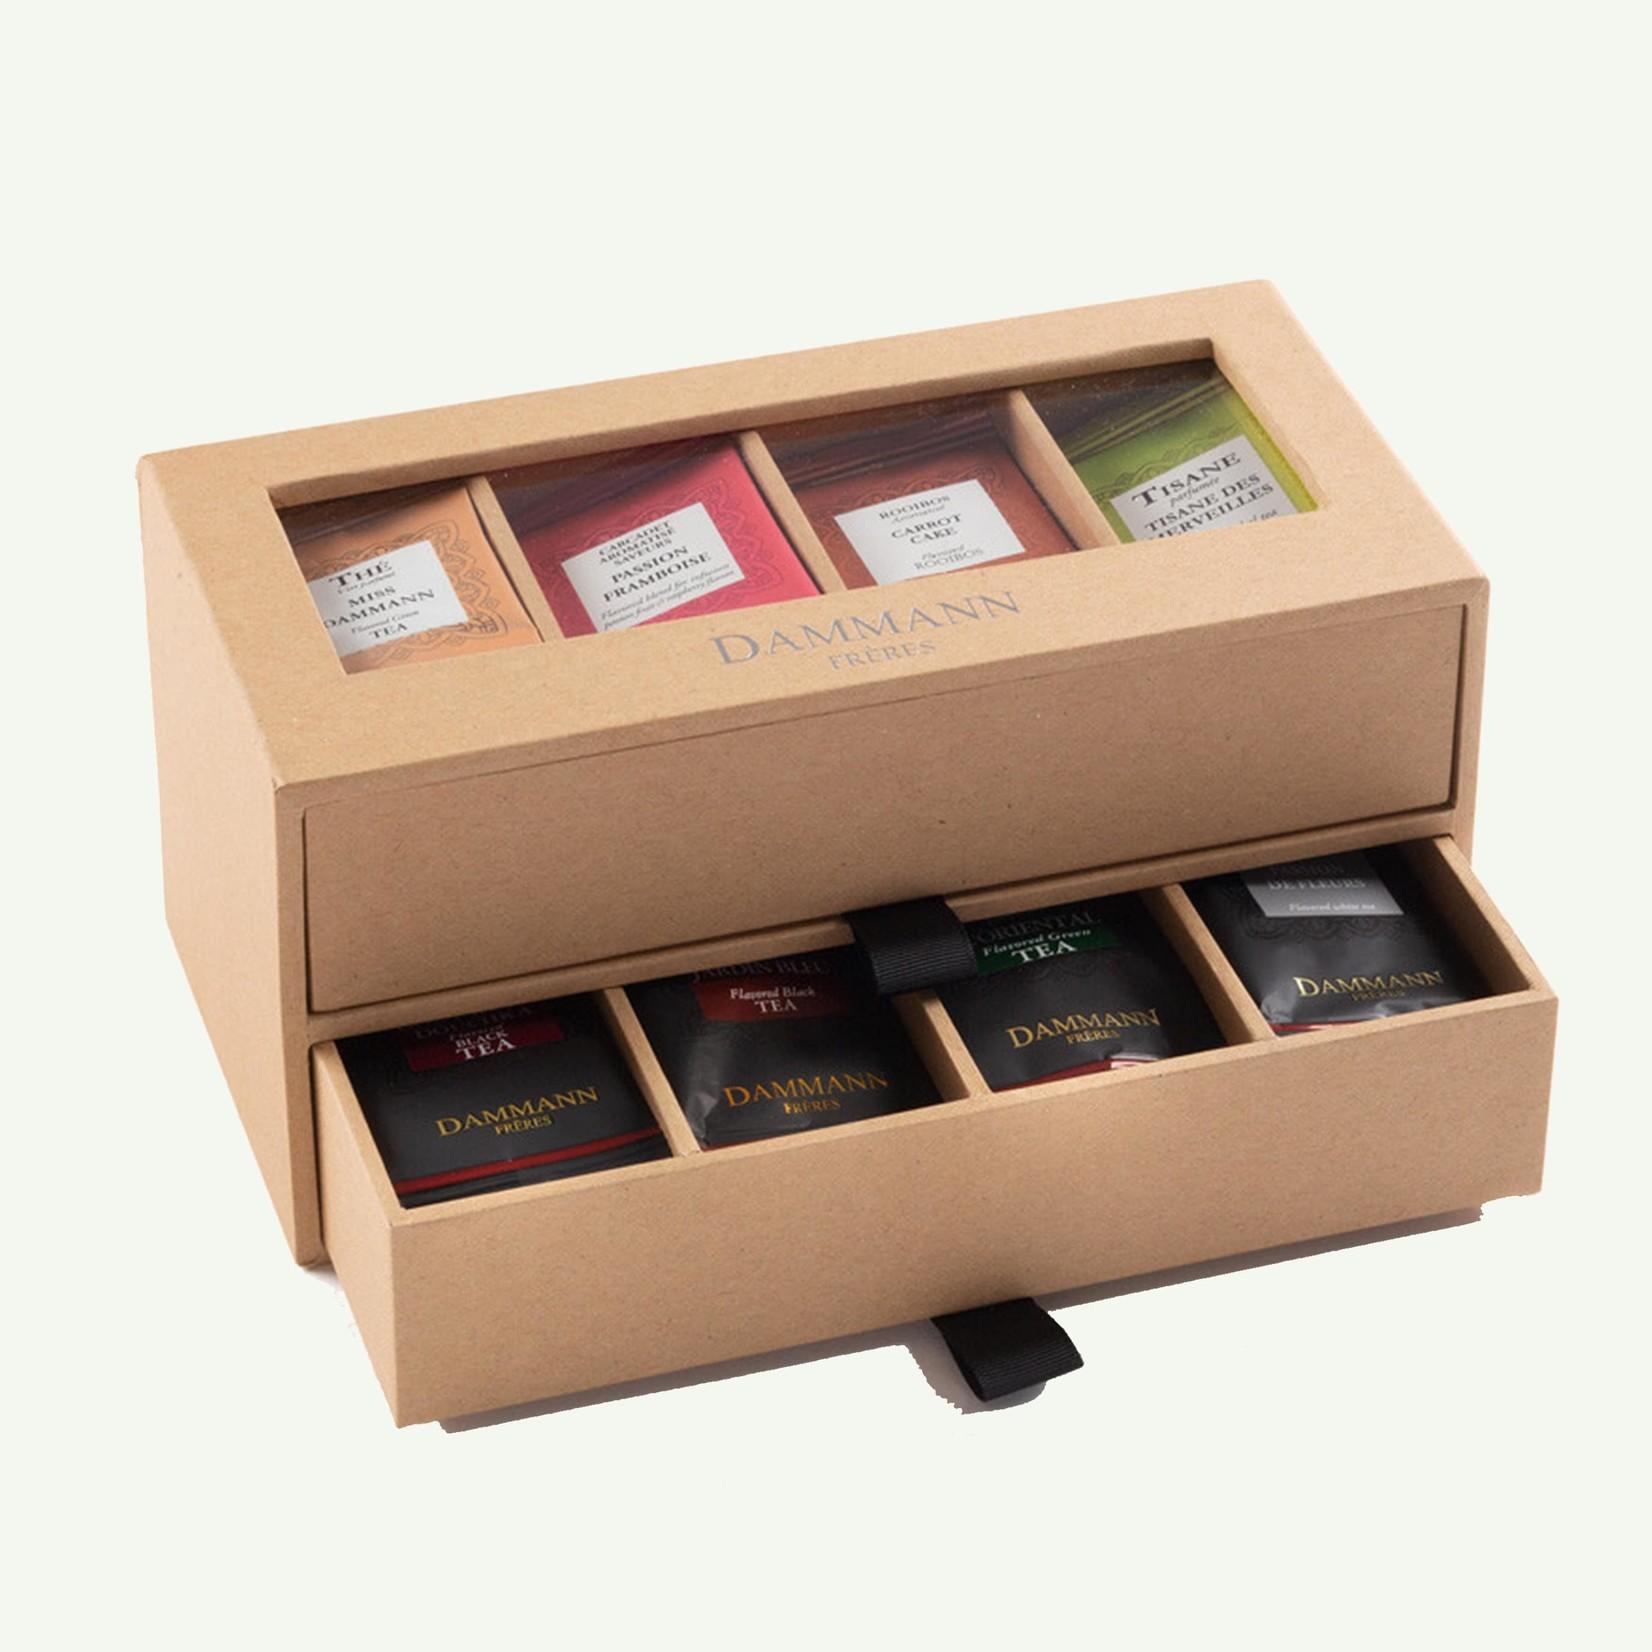 """Dammann Dammann """"7/7"""" Gift Set - 2 Drawers Kraft Case"""